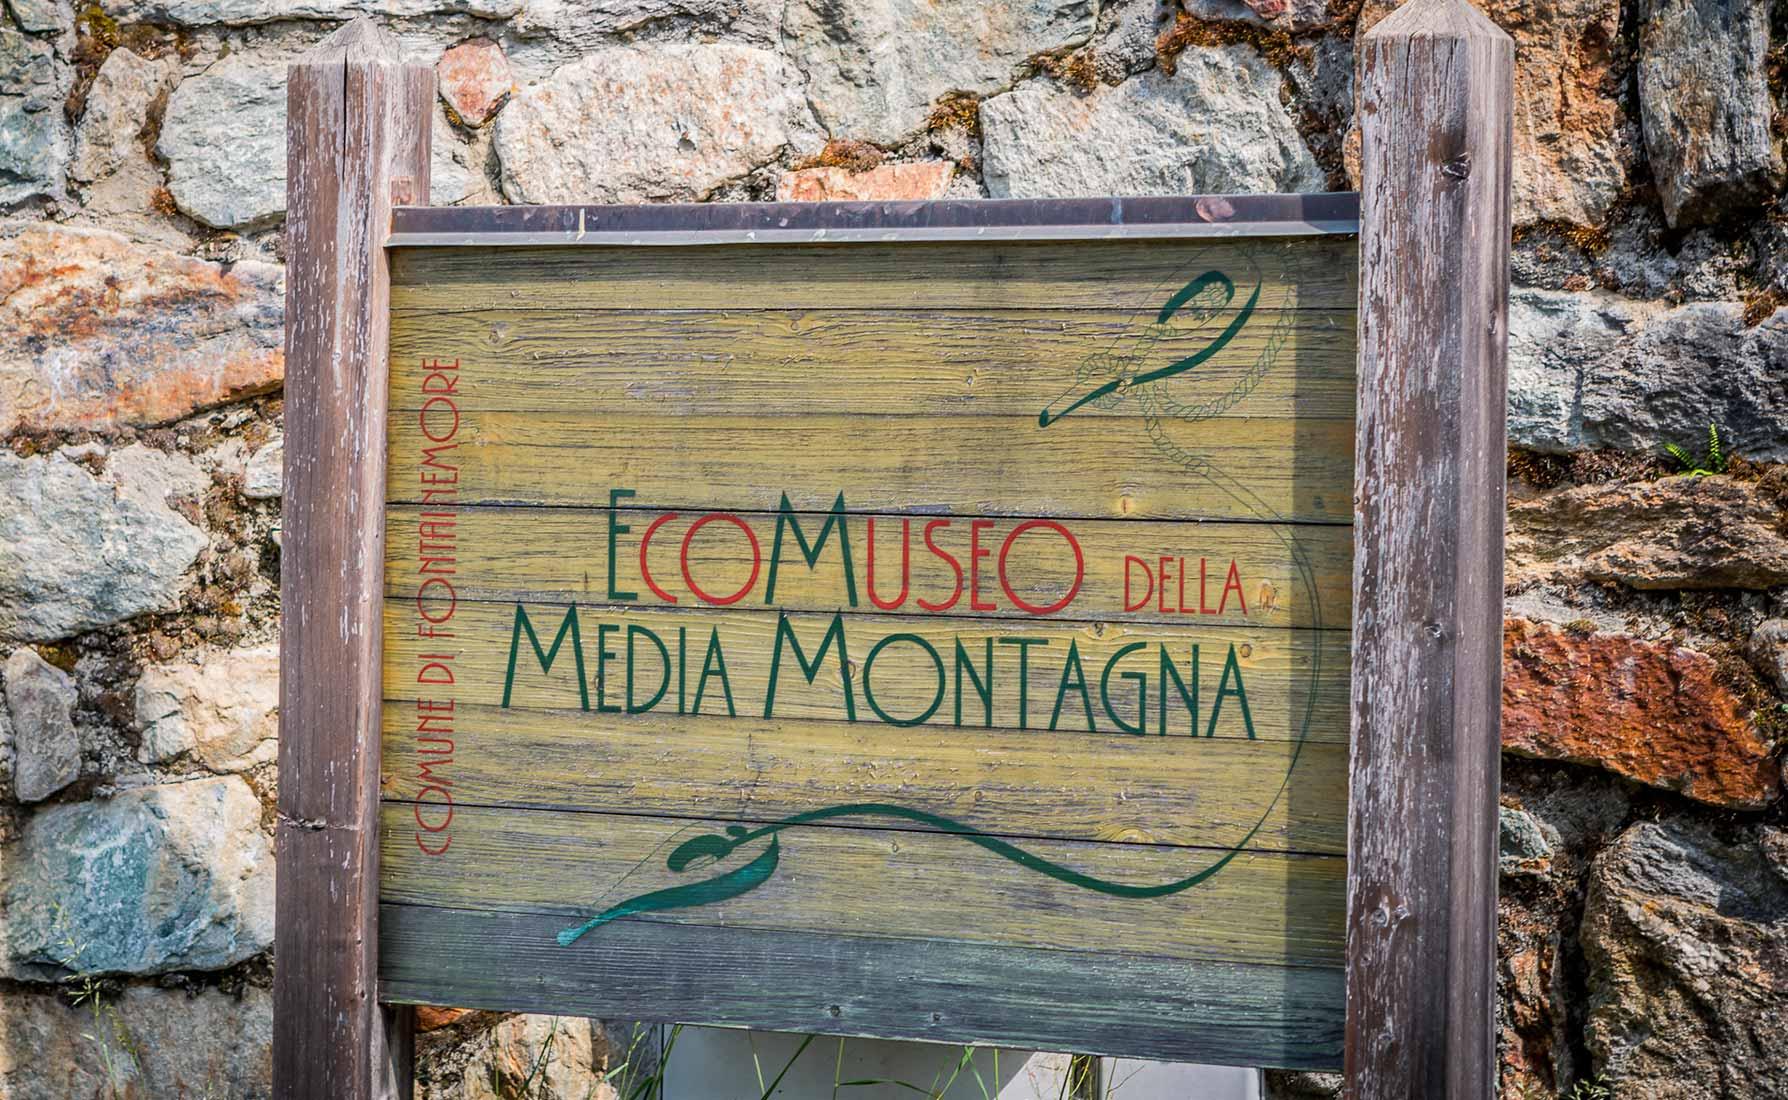 L'Ecomuseo della Media Montagna in Località Pra Dou Sas.